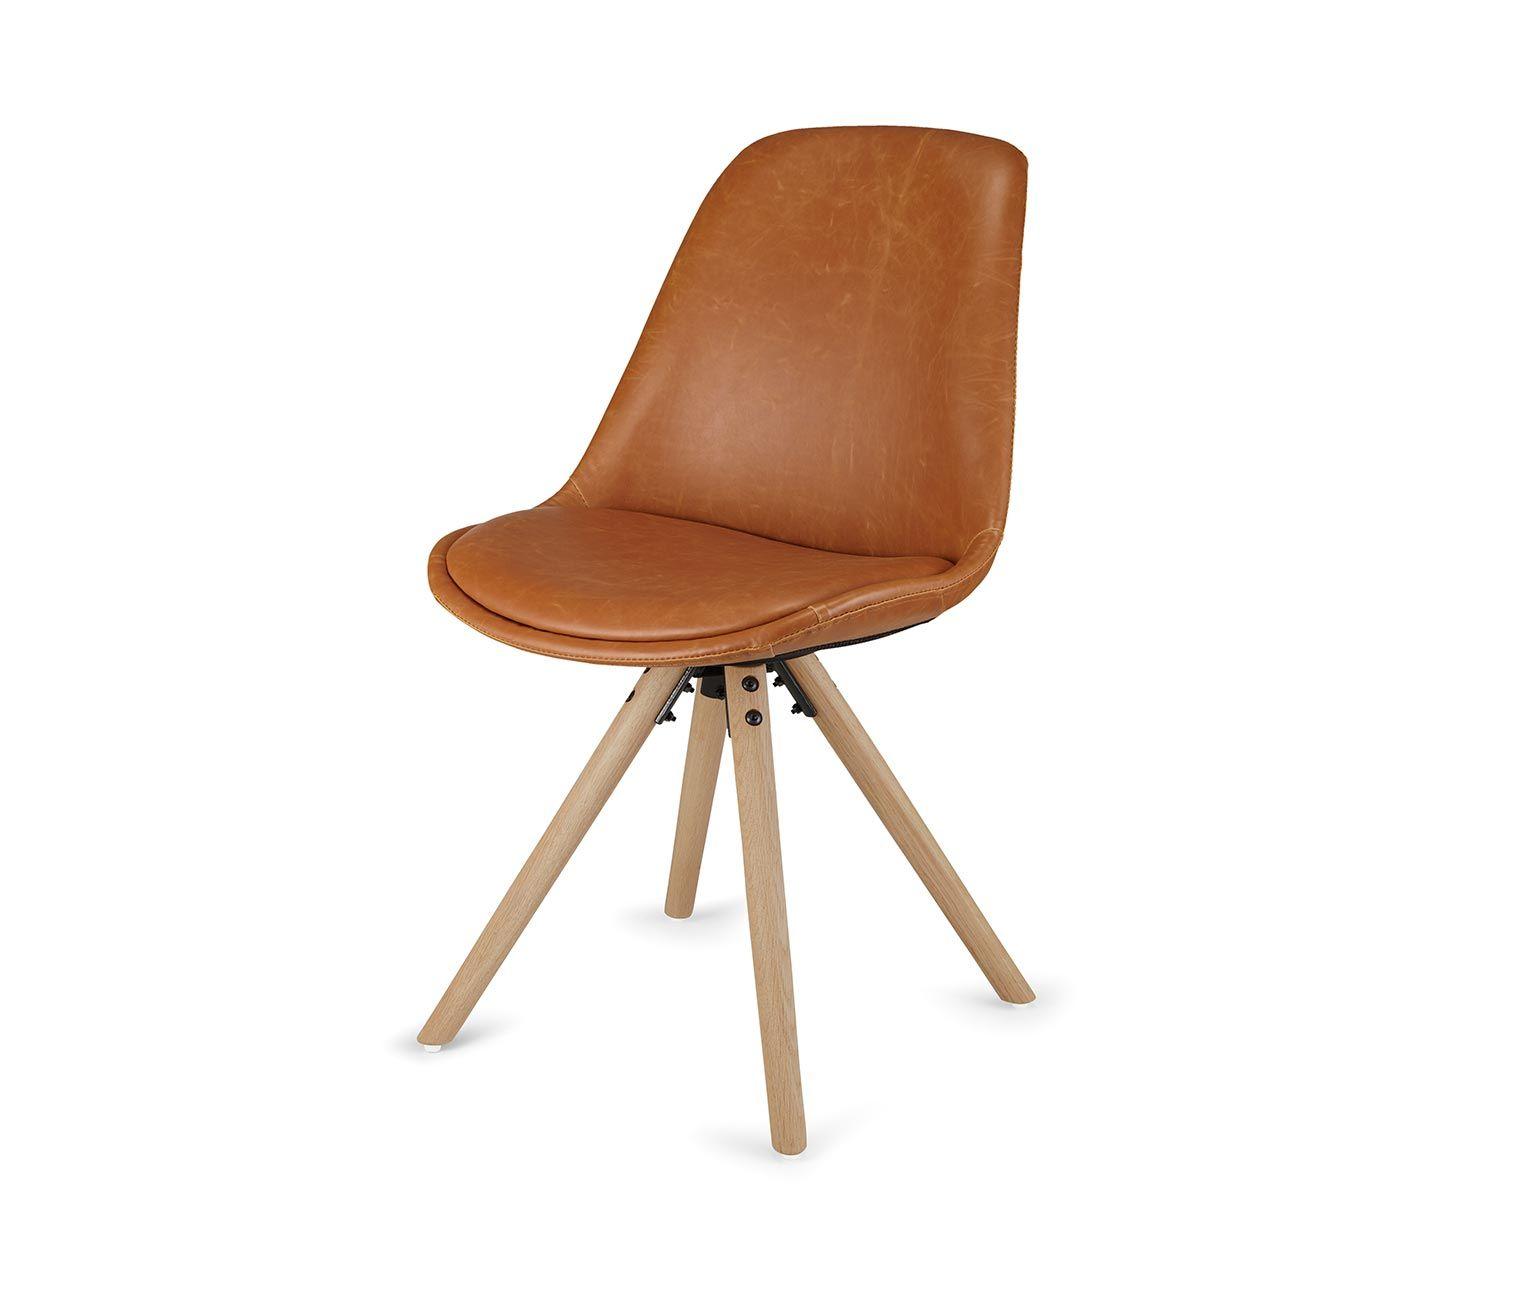 3 990 Kč Msto na stylové sezen Tato židle vykouzl v moderně